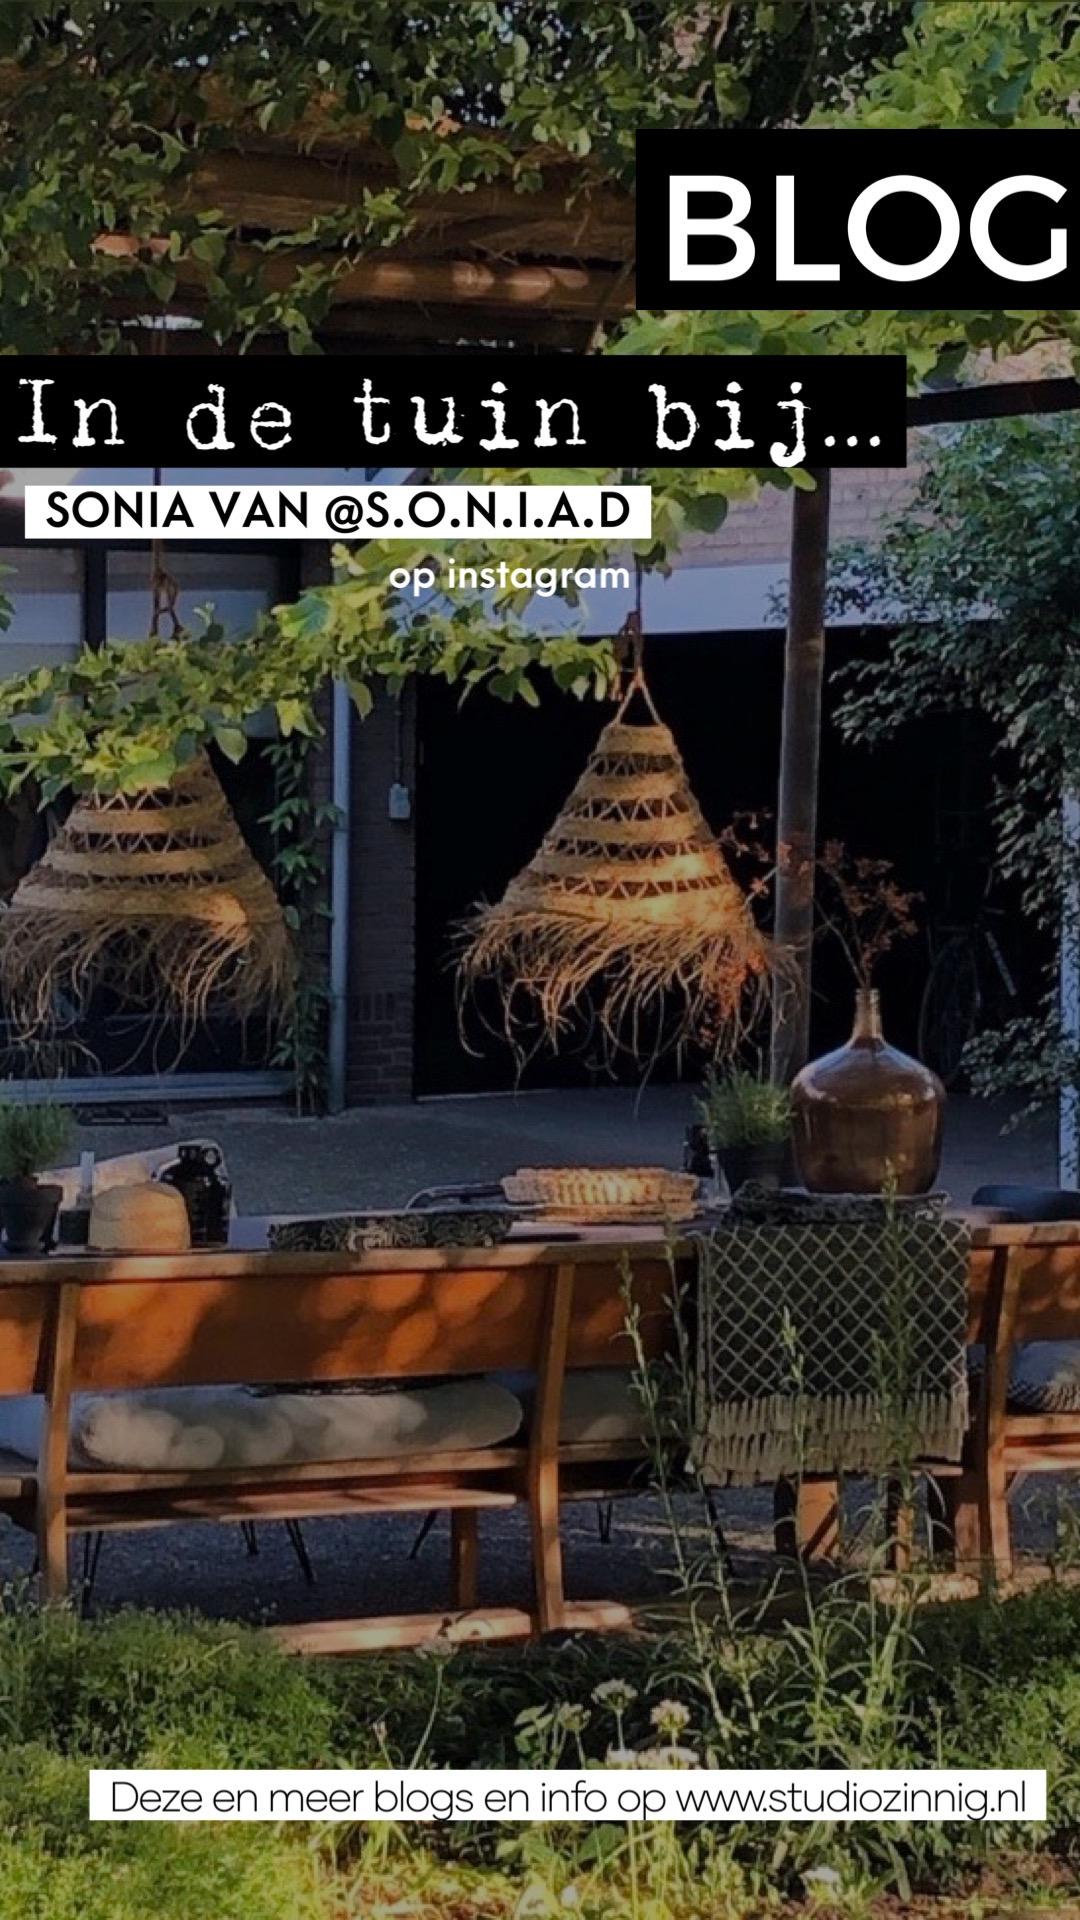 In de tuin bij… Sonia van S.o.n.i.a.d